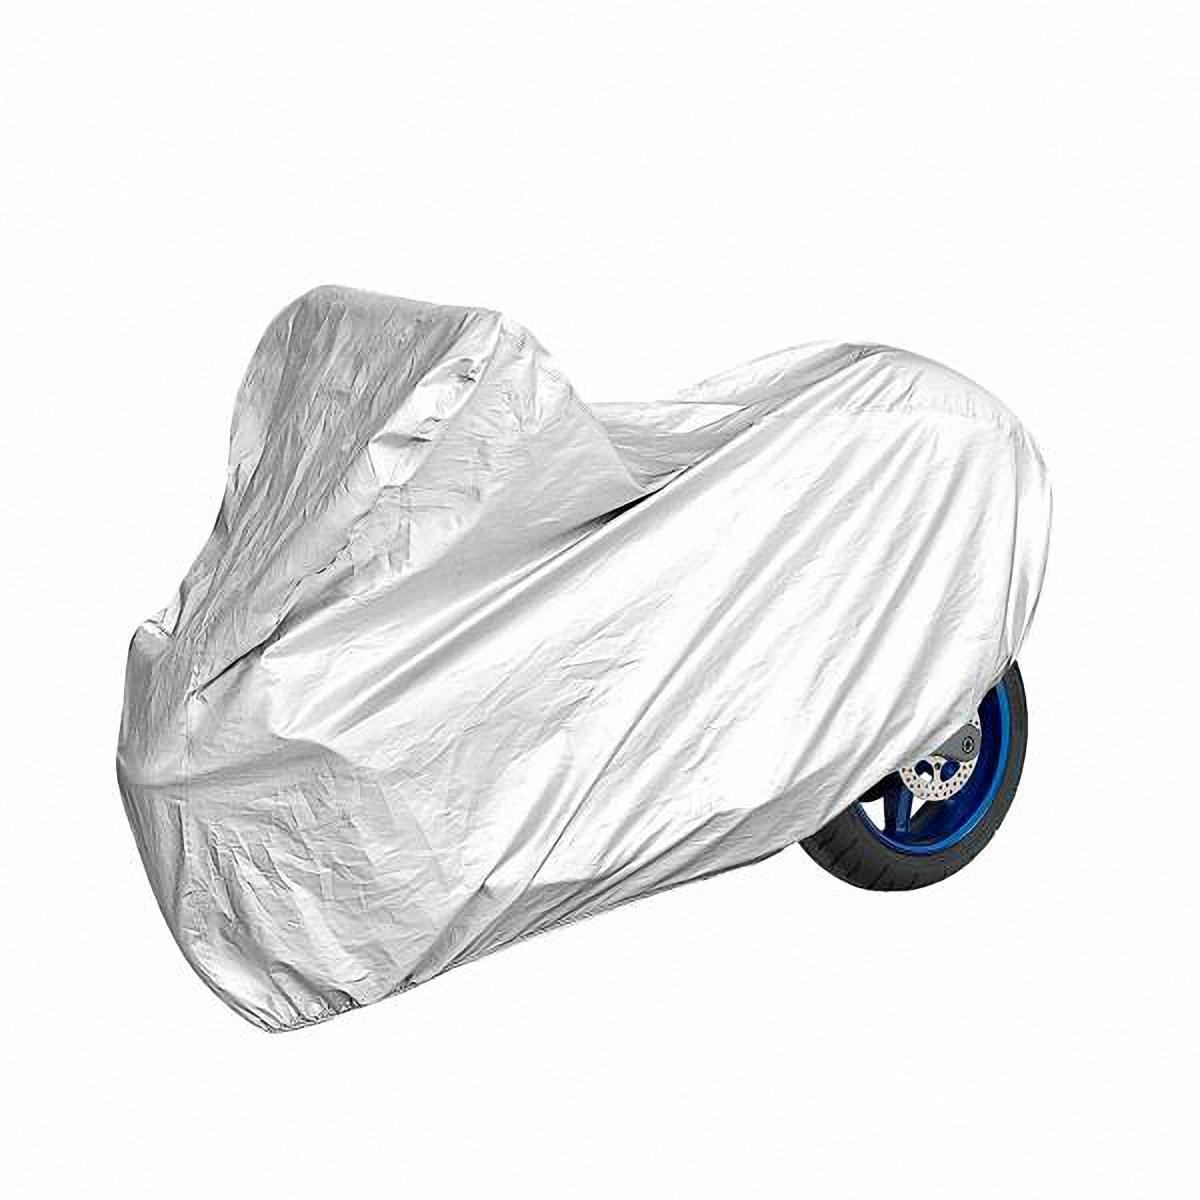 Чехол-тент на мотоцикл Skyway, 203 х 89 х 119 см. Размер MS04402001Тент на мотоцикл позволит защитить кузов вашего транспортного средства от коррозии и загрязнений во время хранения или транспортировки, а вас избавит от необходимости его частого мытья. Чехол-тент предохраняет лакокрасочное покрытие кузова, стекла и фары вашего мотоцикла от воздействия прямых солнечных лучей и неблагоприятных погодных условий, загрязнений. Легко и быстро надевается на мотоцикл, не царапая и не повреждая его. Изготовлен из высококачественного полиэстера. В передней и задней части тента вшиты резинки, стягивающие его нижний край под передним и задним бамперами. Обладает высокой влаго- и износостойкостью. Обладает светоотражающими и пылезащитными свойствами. Выдерживает как низкие, так и высокие температуры. Воздухопроницаемый материал. Состав: полиэстер. Размер: 203 х 119 х 89 см.